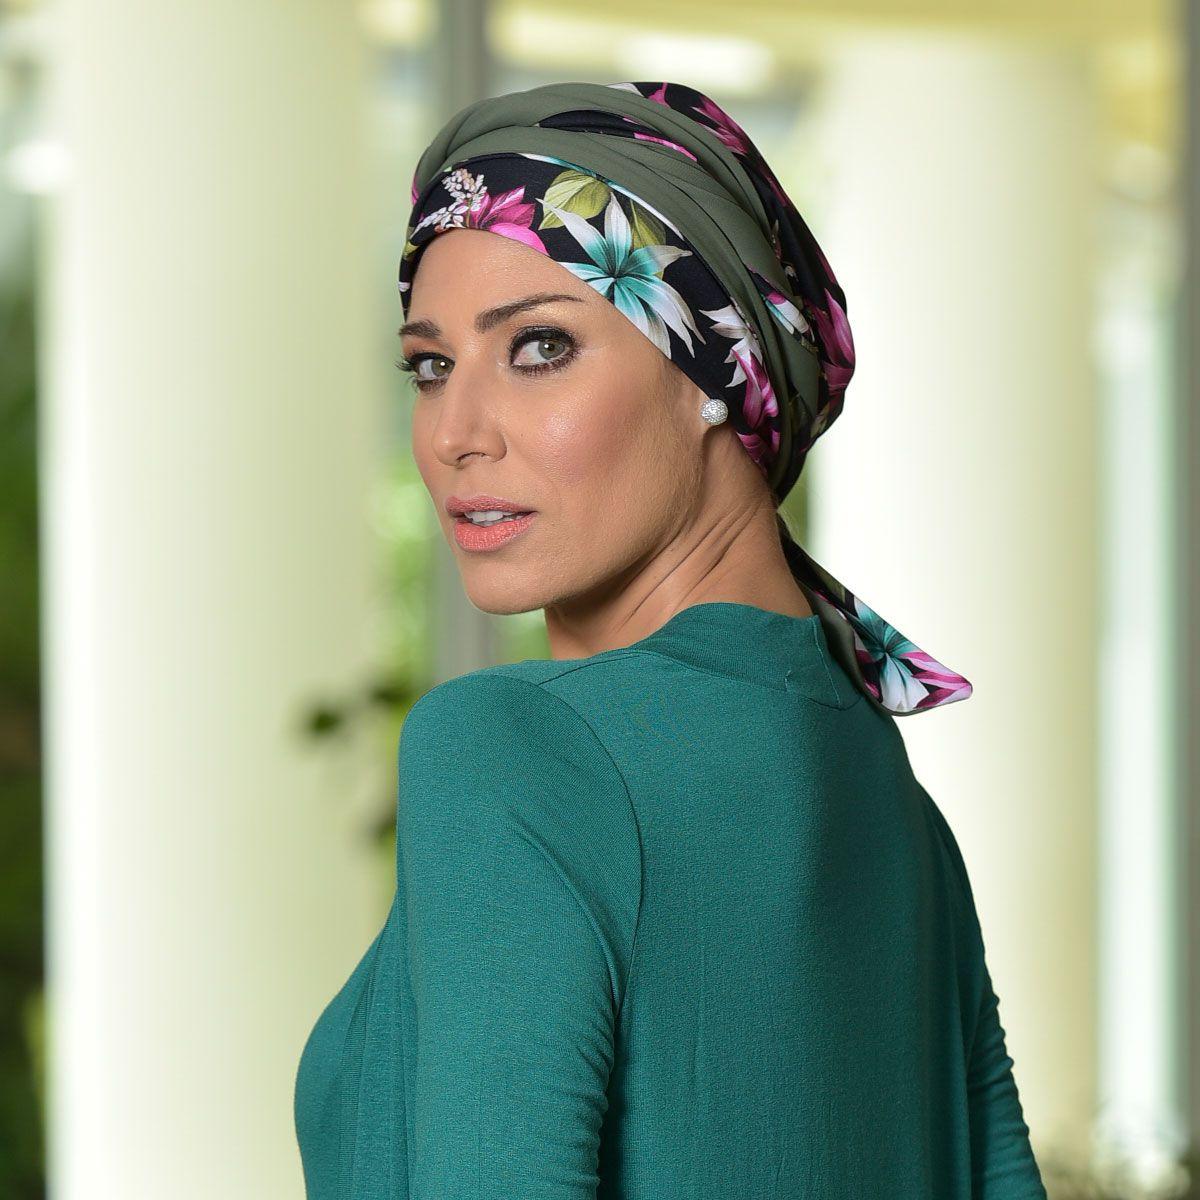 Turbante Feminino Dupla Face Vicky Madalena